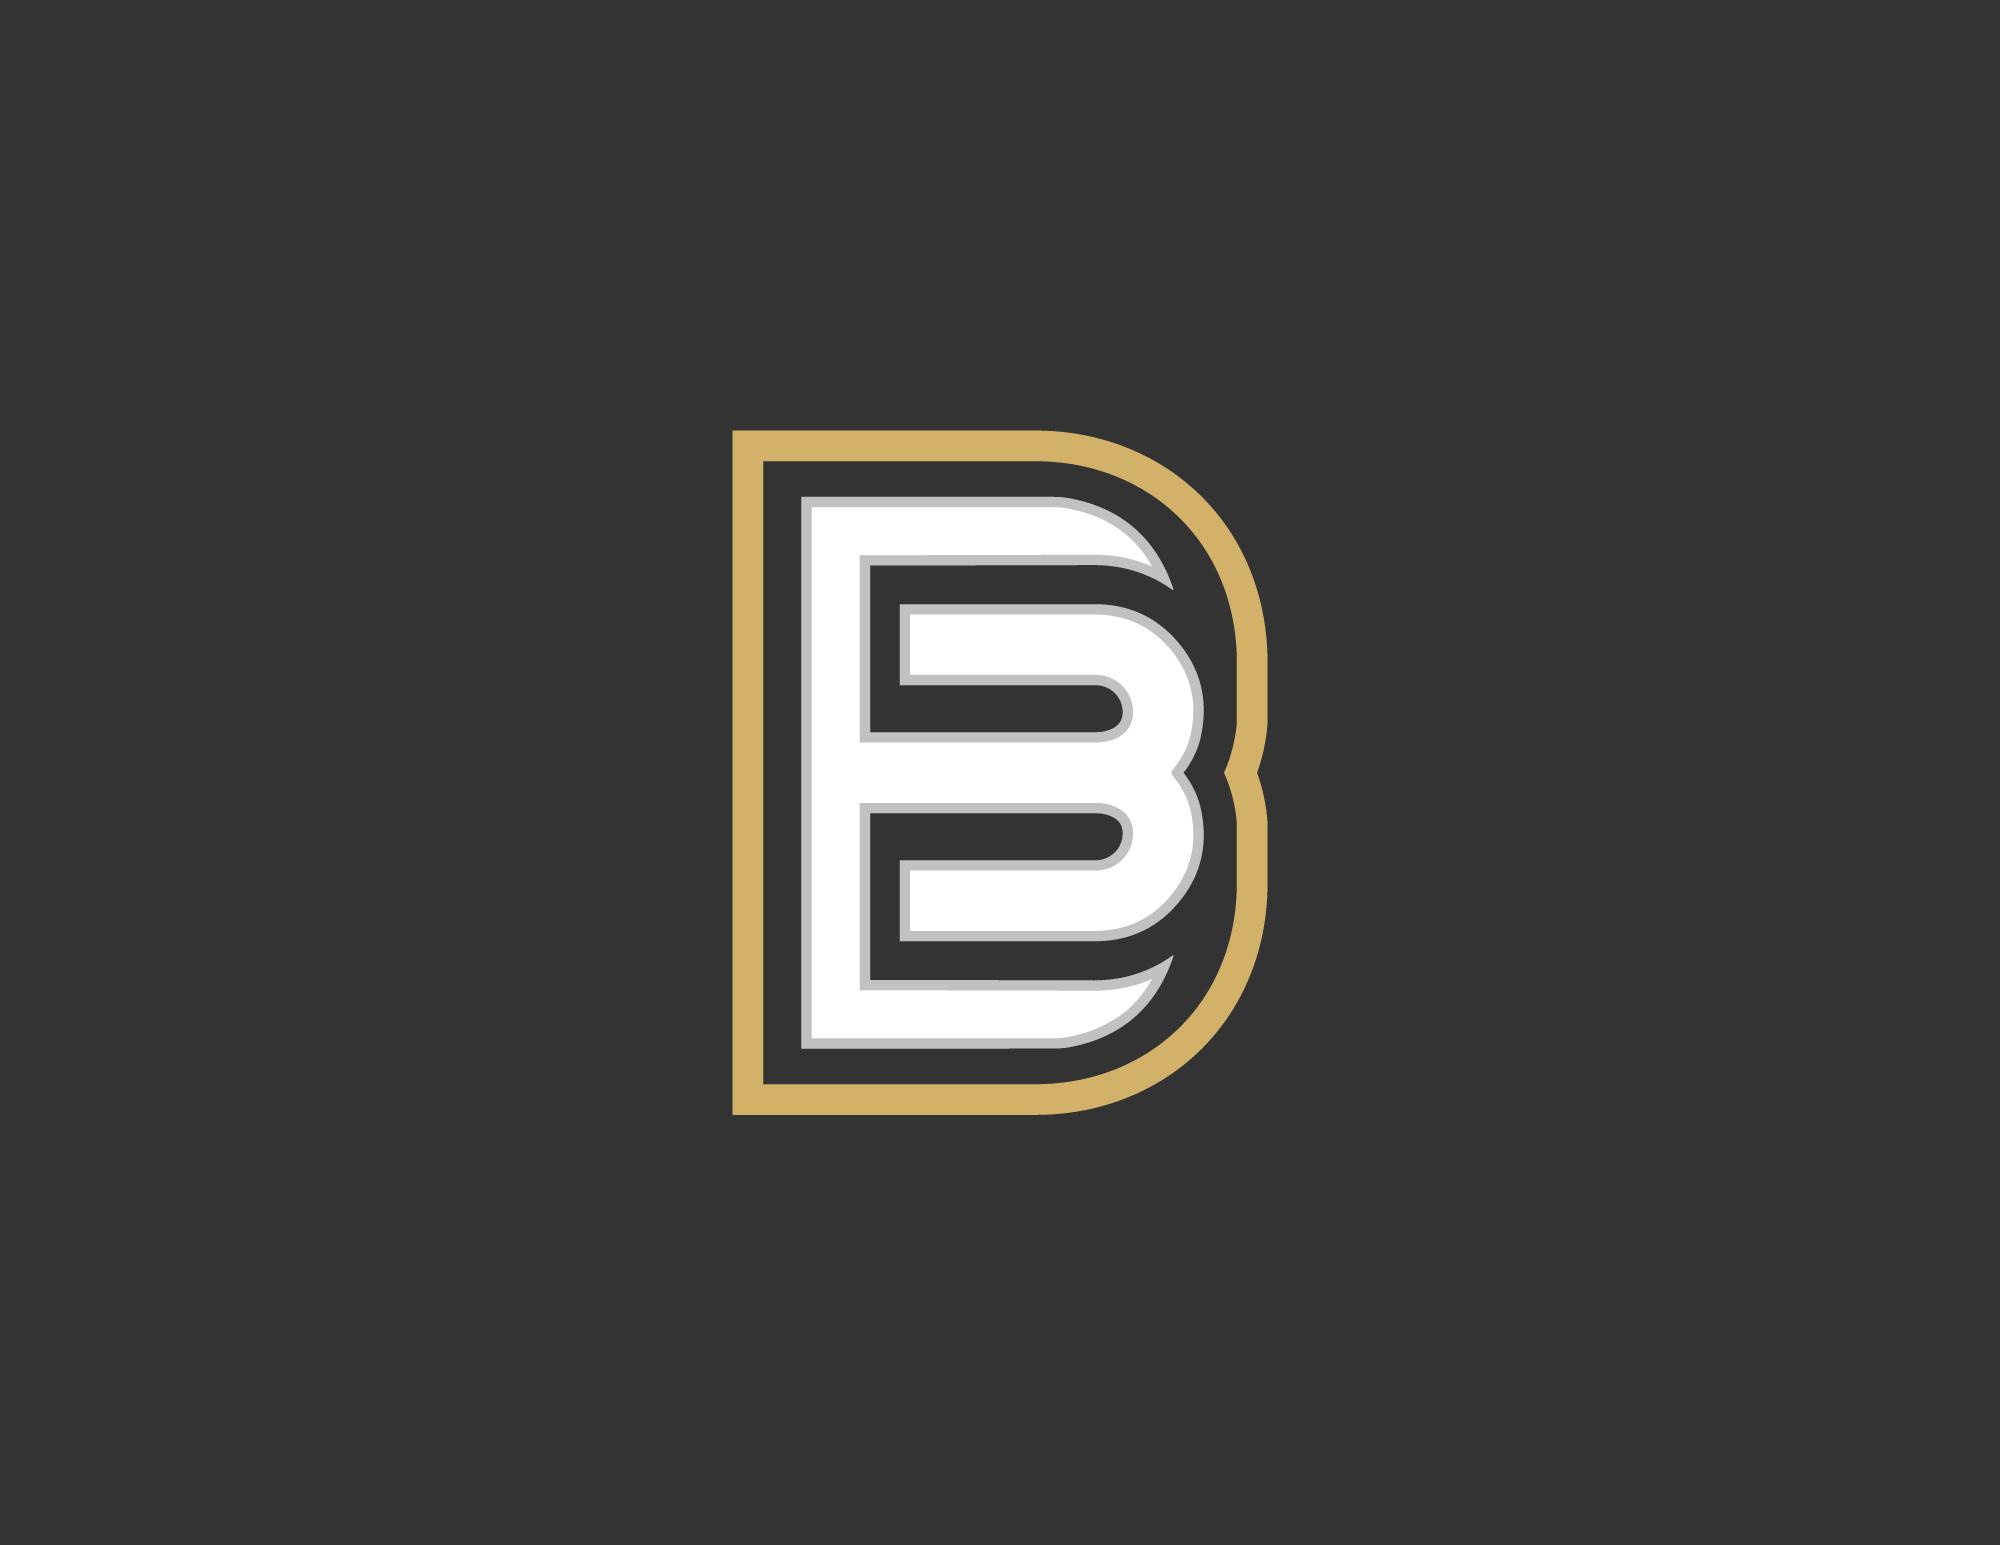 BBB_5.jpg